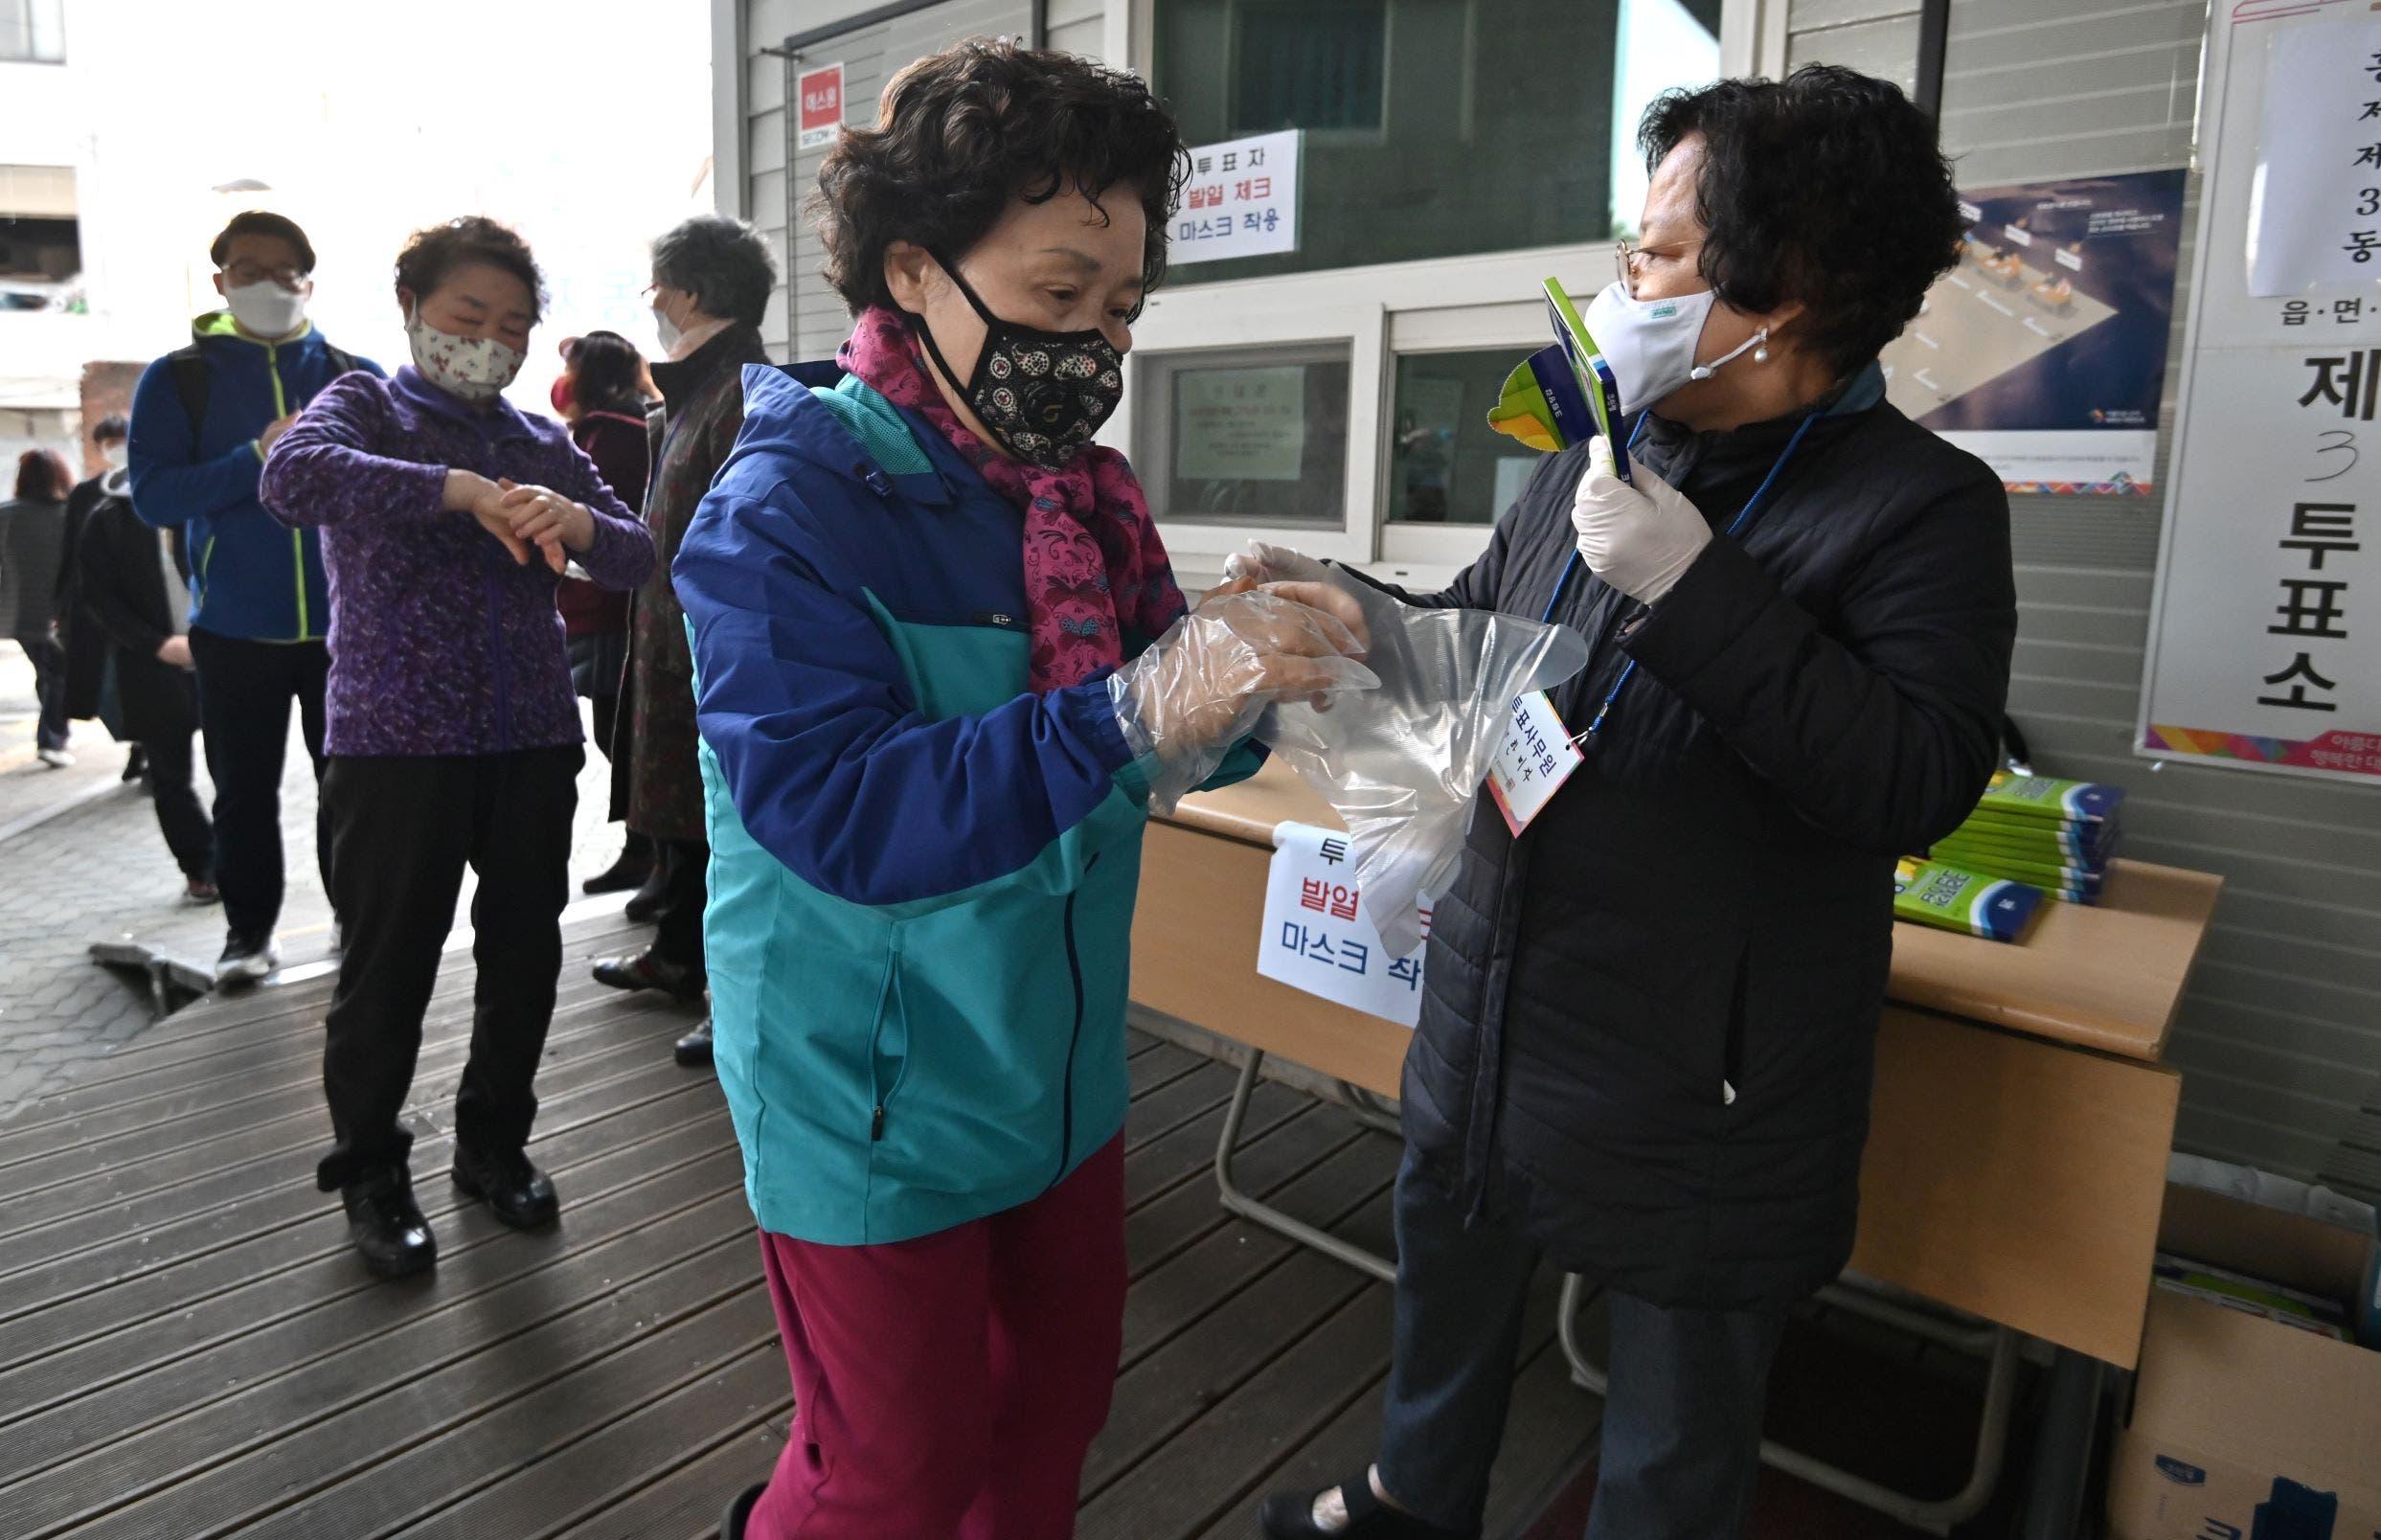 انتخابات في كوريا الجنوبية (فرانس برس)